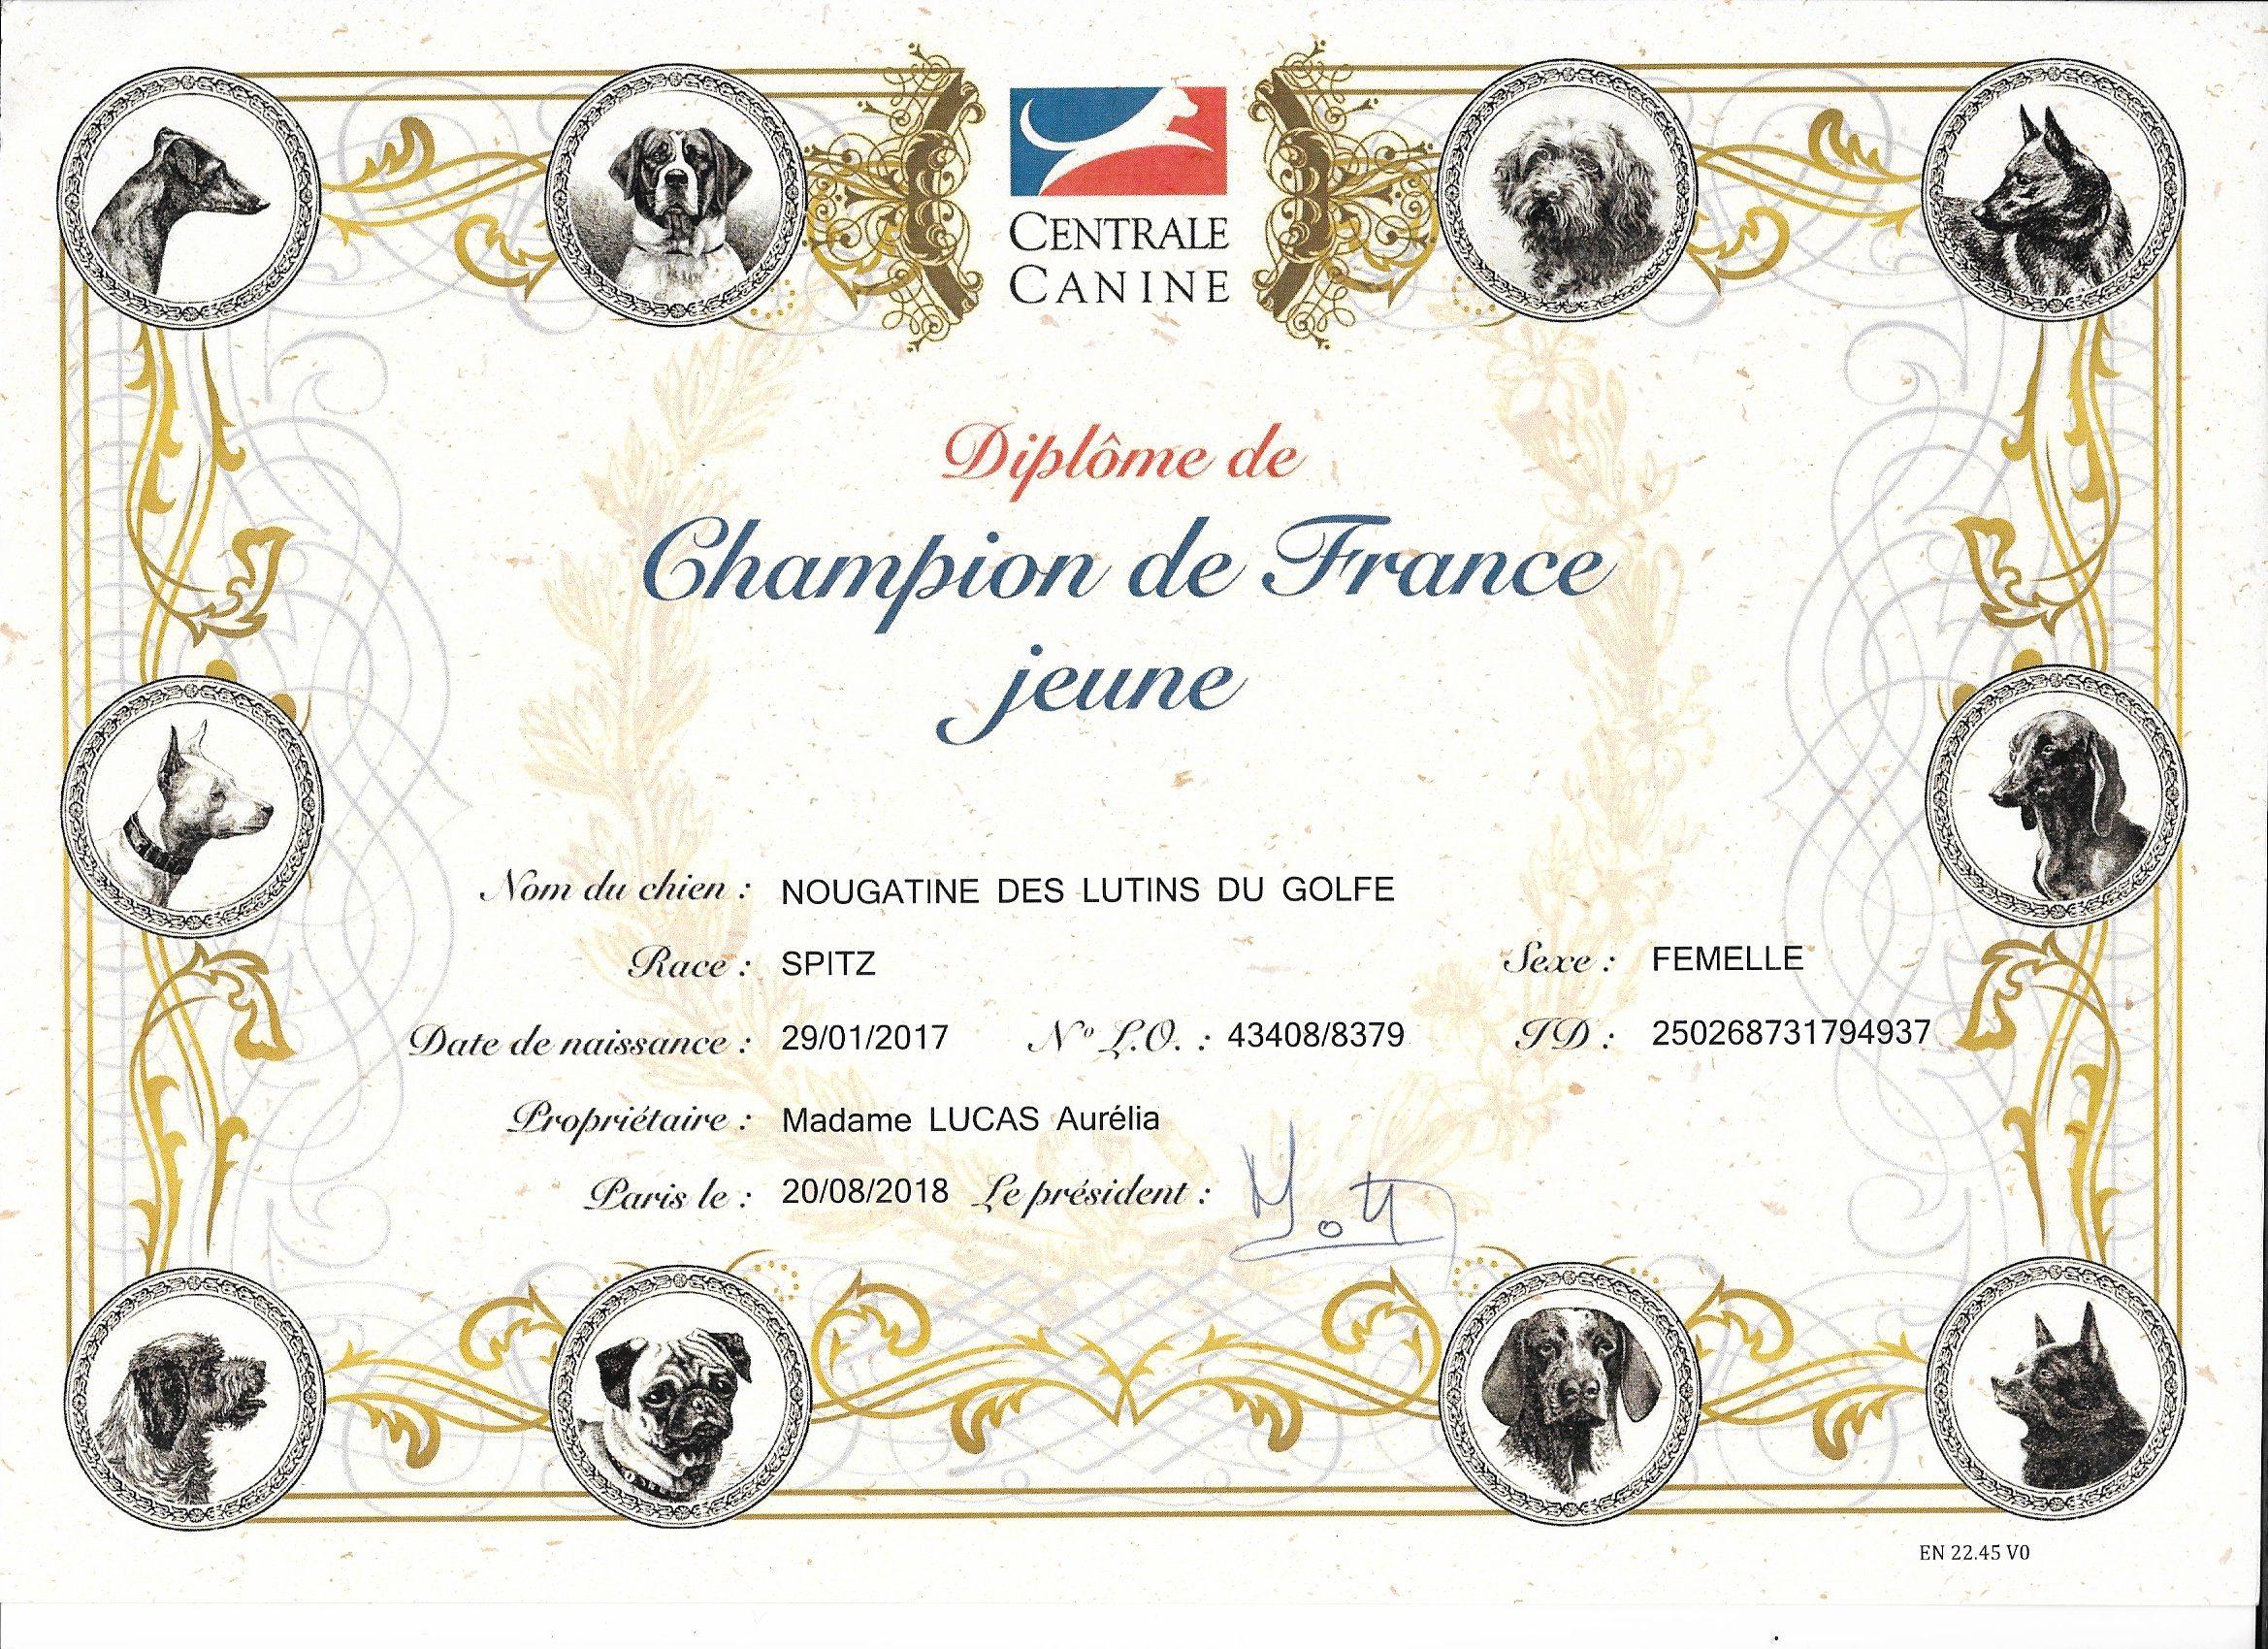 diplôme championne de France jeune - spitz